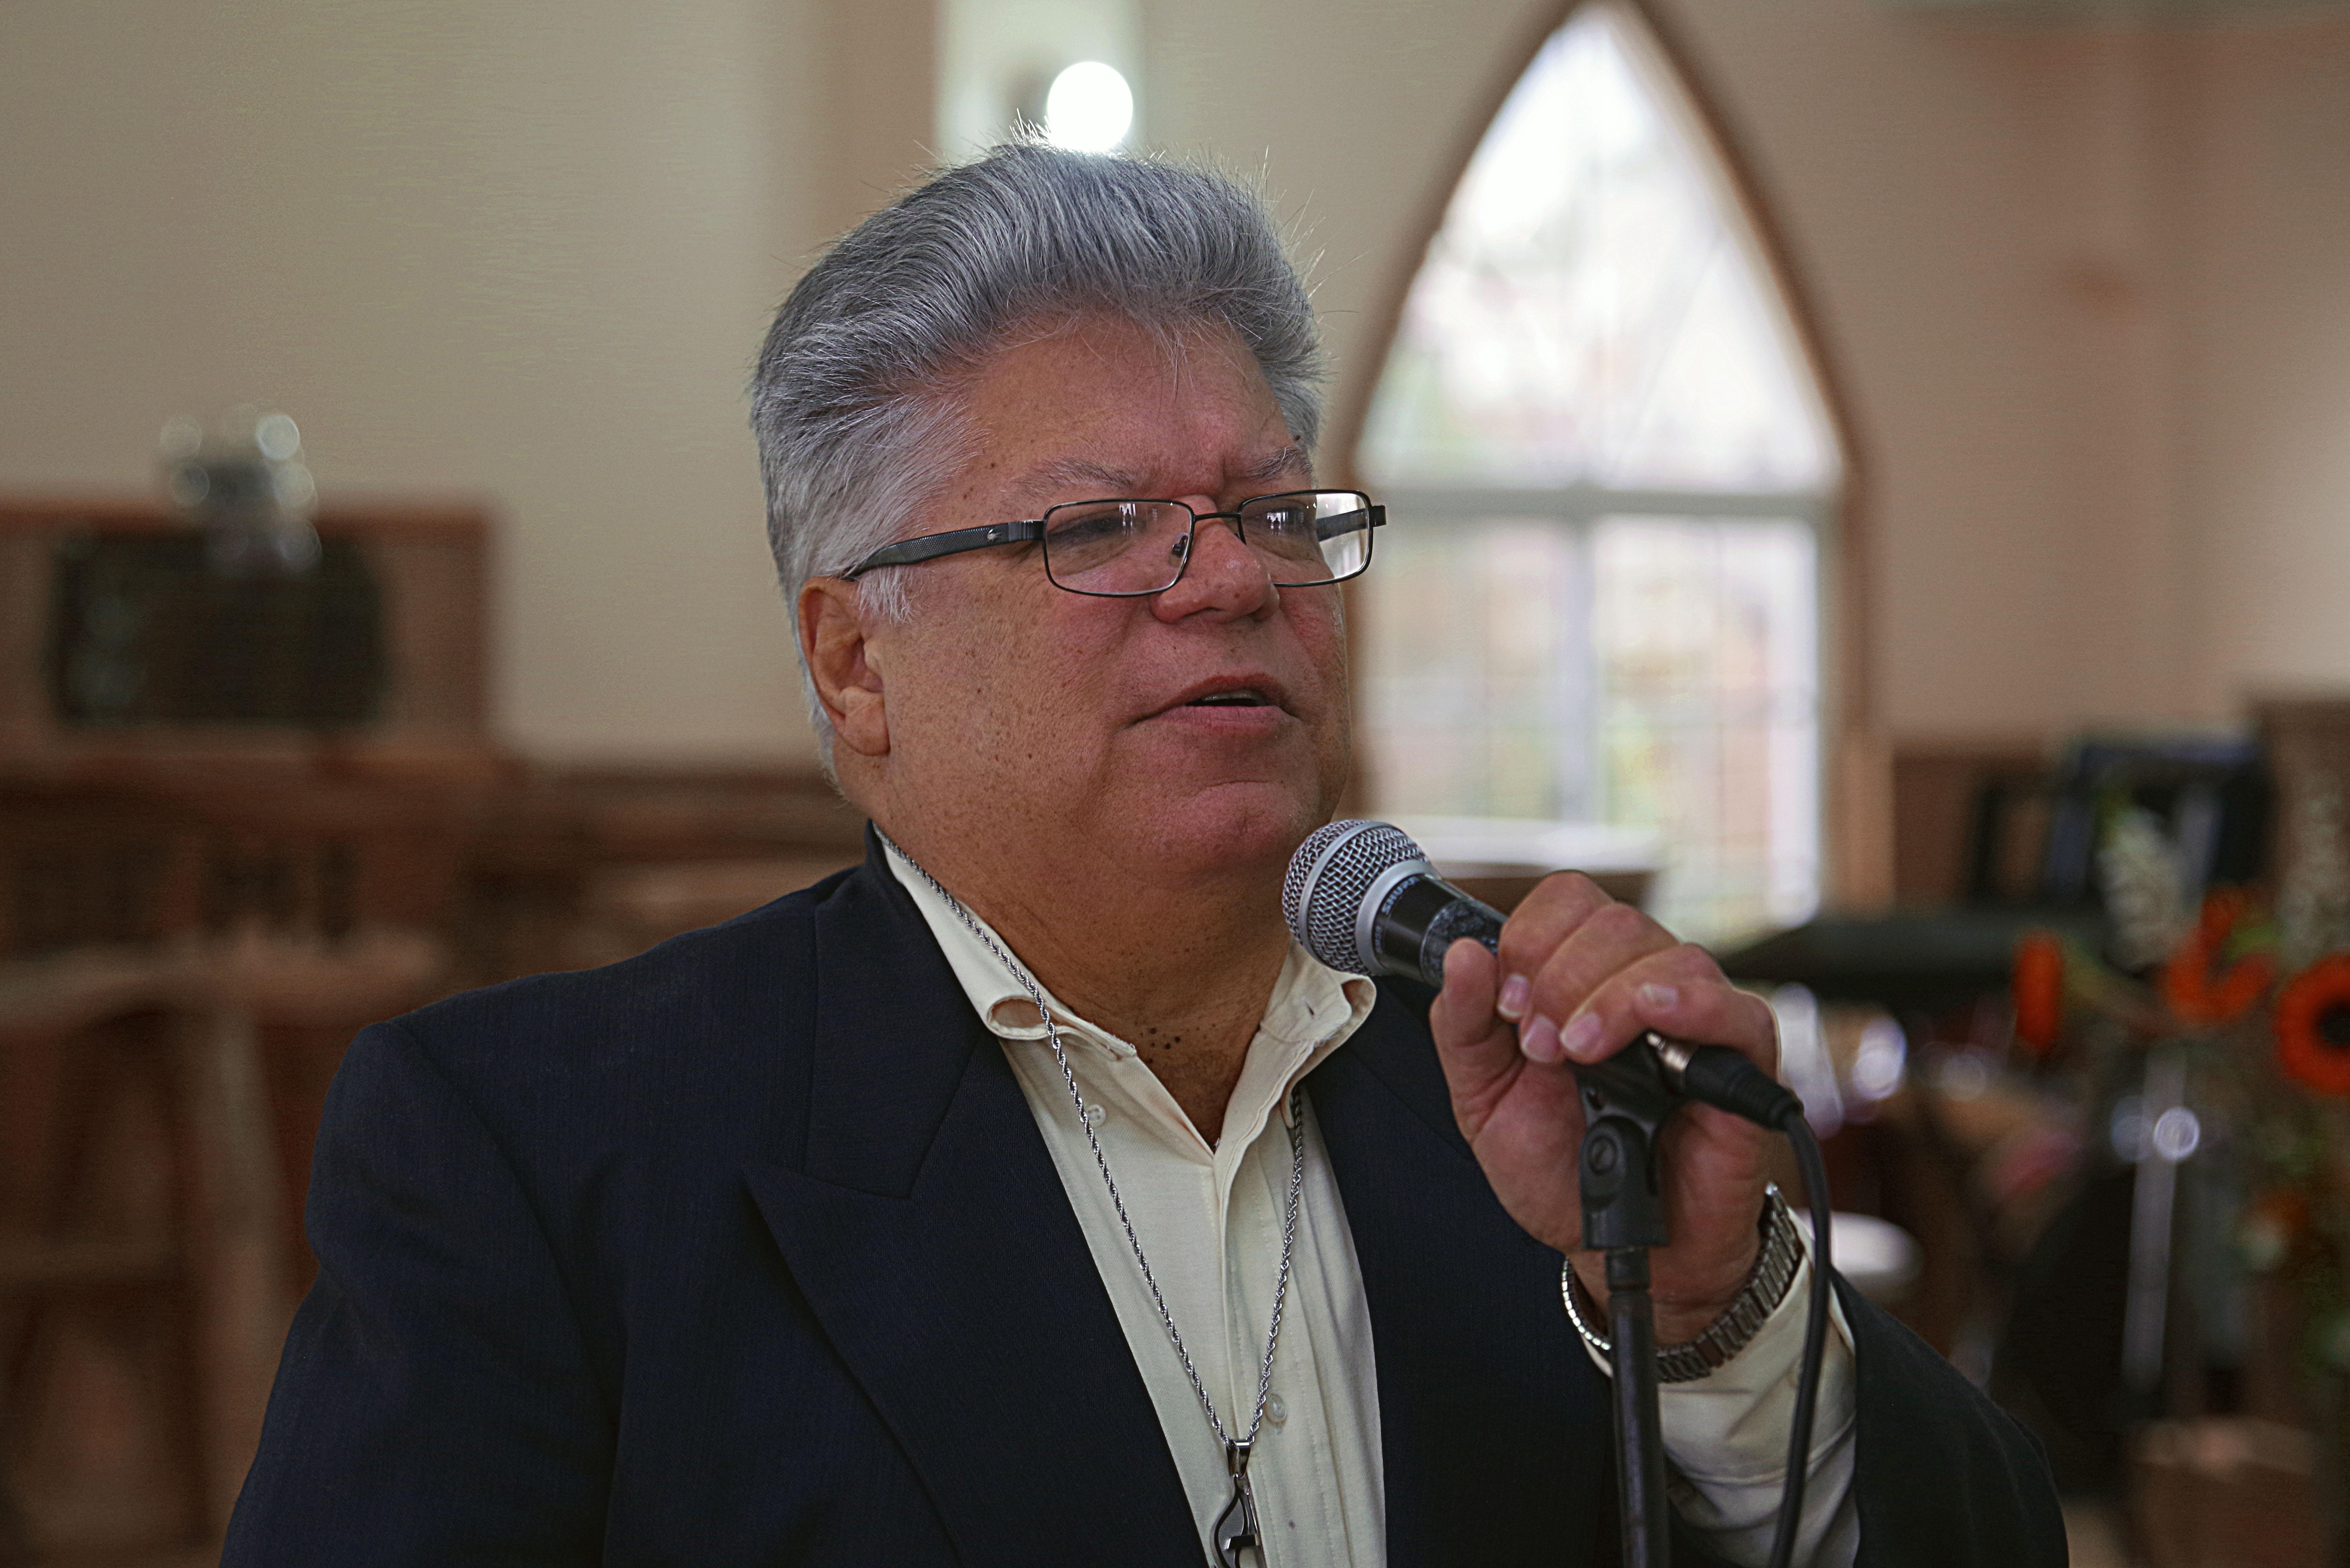 Rev. José Roberto Peña, Superintendente de la Misión Metodista de Honduras. Rev. Gustavo Vasquez. Noticias MU.